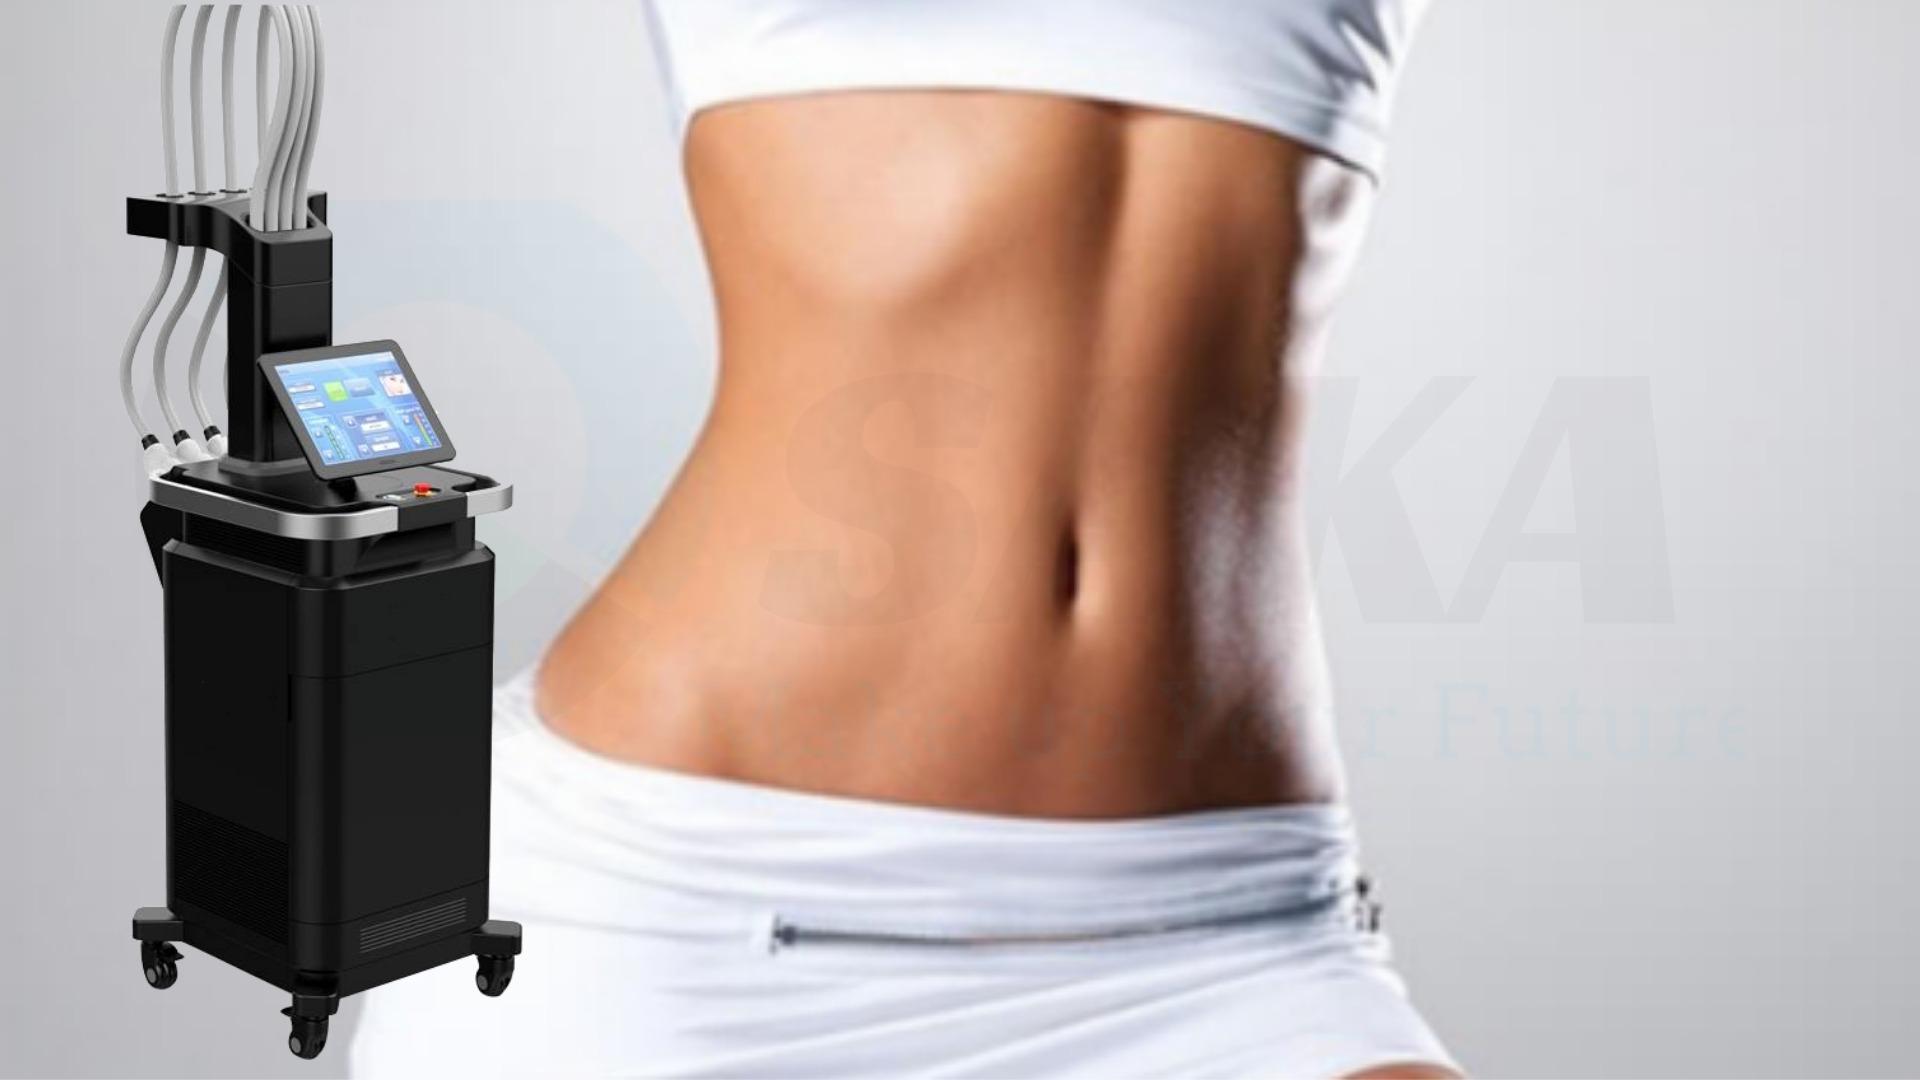 Thiết bị giảm béo Diode Laser có tốt không